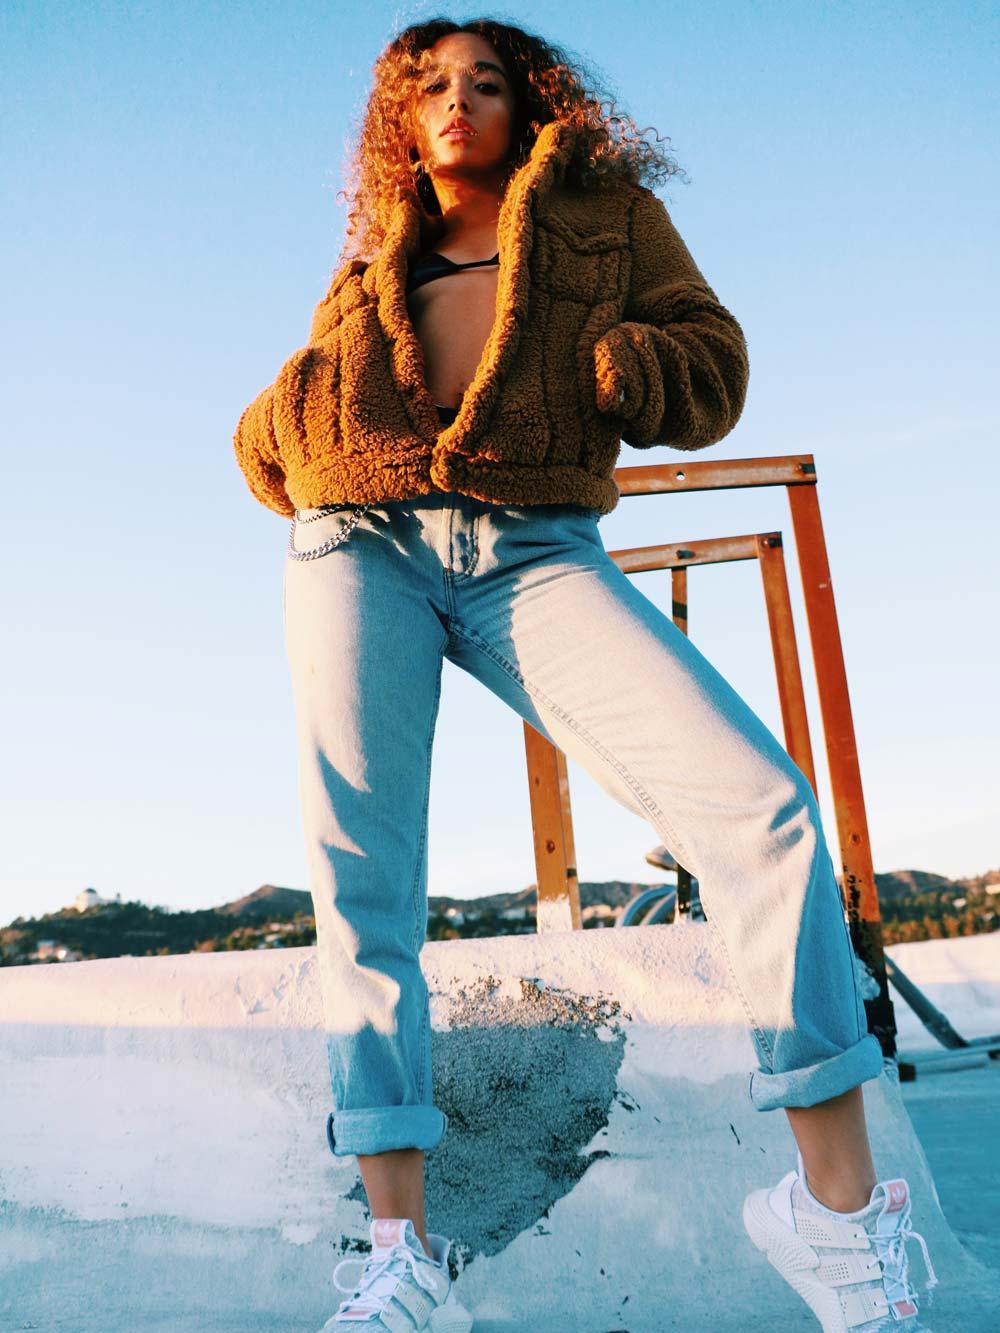 Girl_Rooftop_LosAngeles.jpg